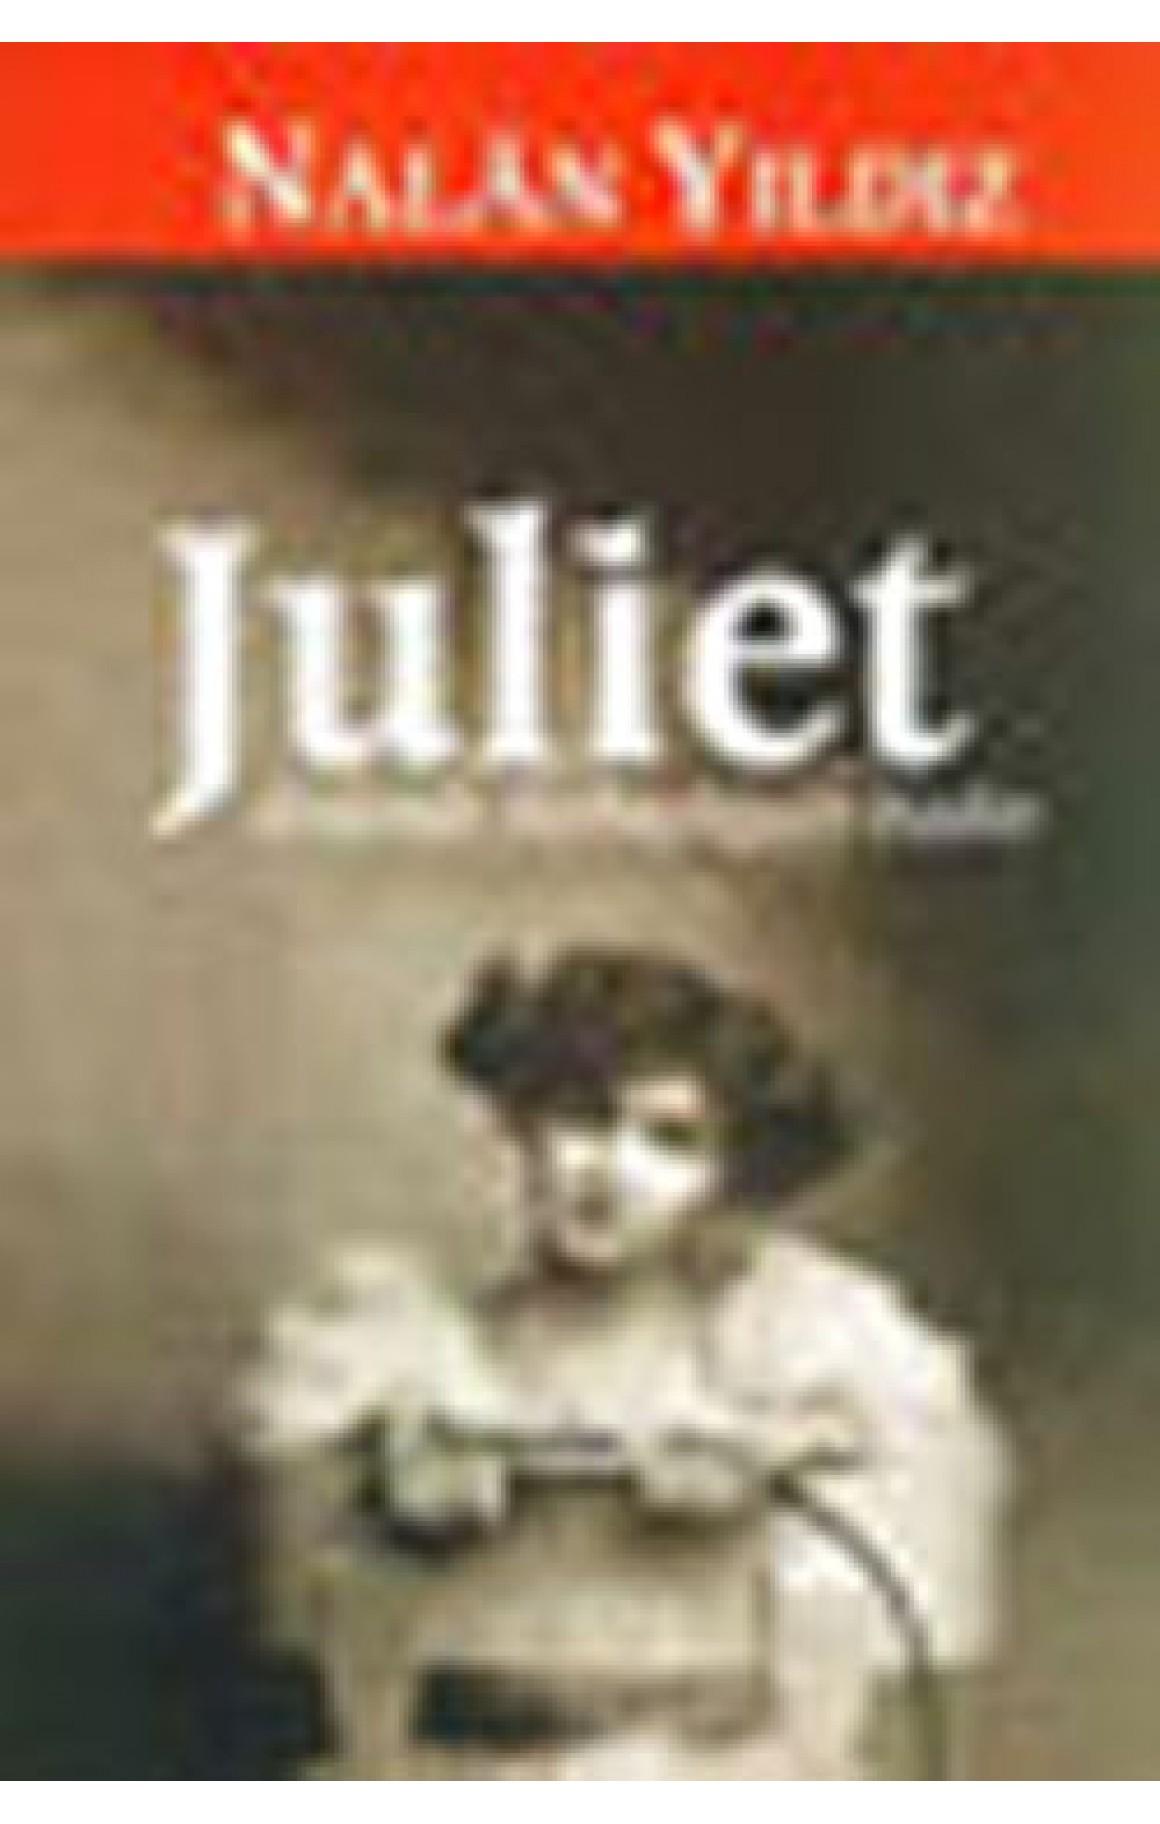 Juliet - Erdemle Kırbaçlayan Kadın